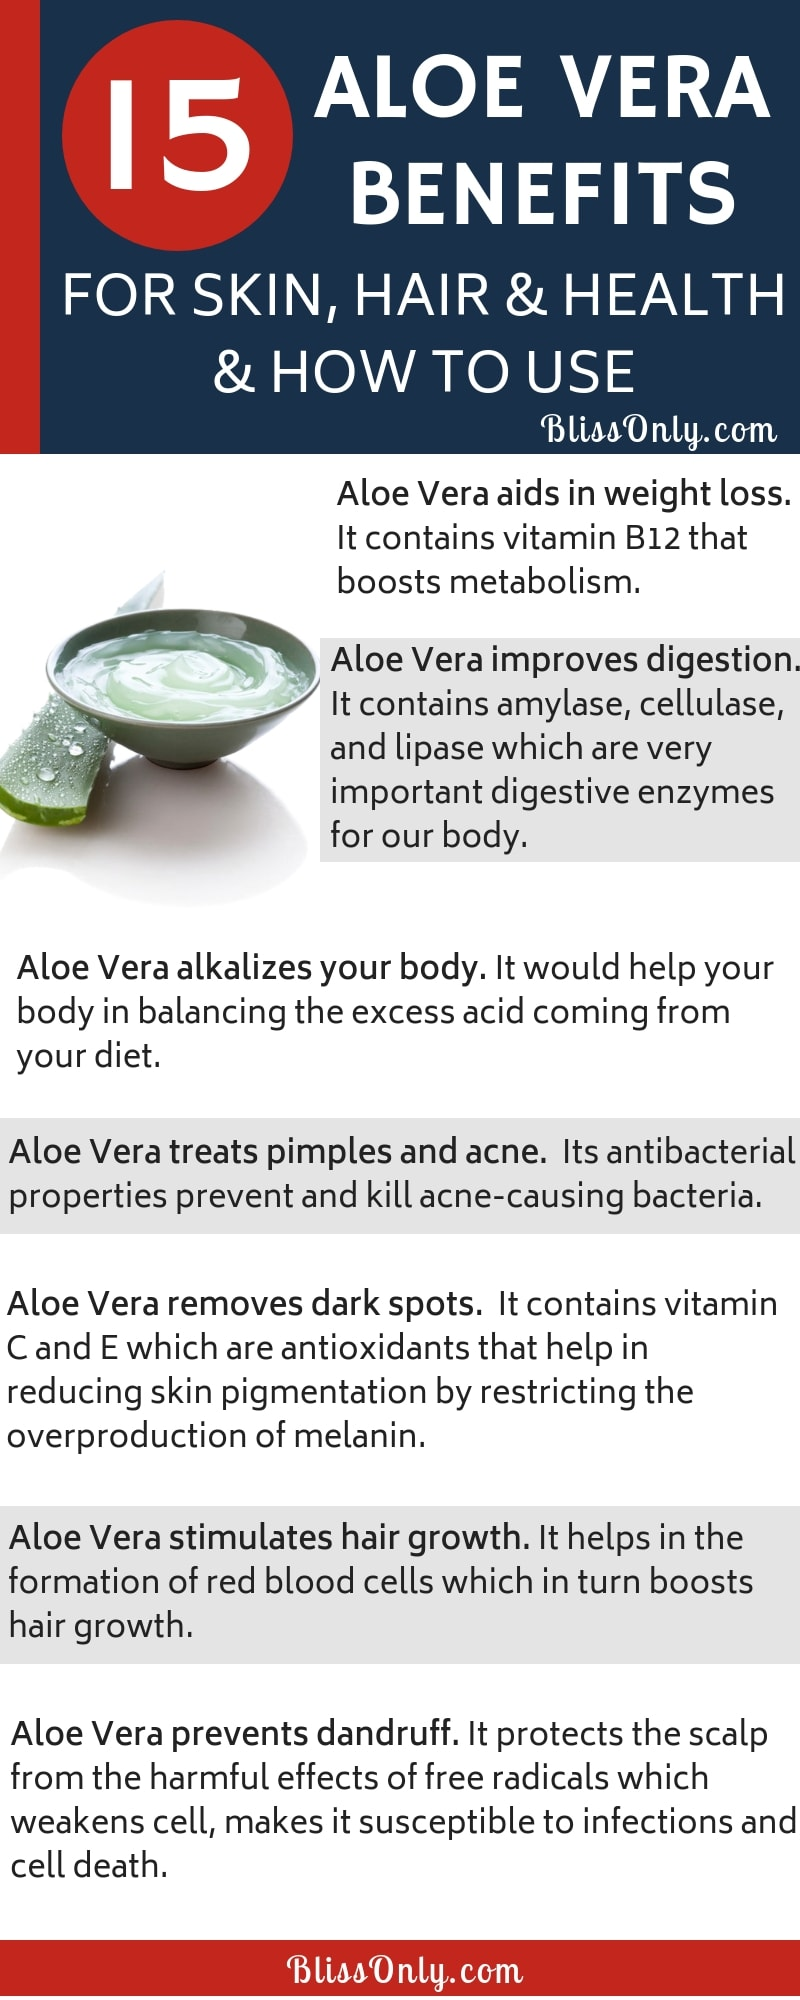 aloe vera for skin